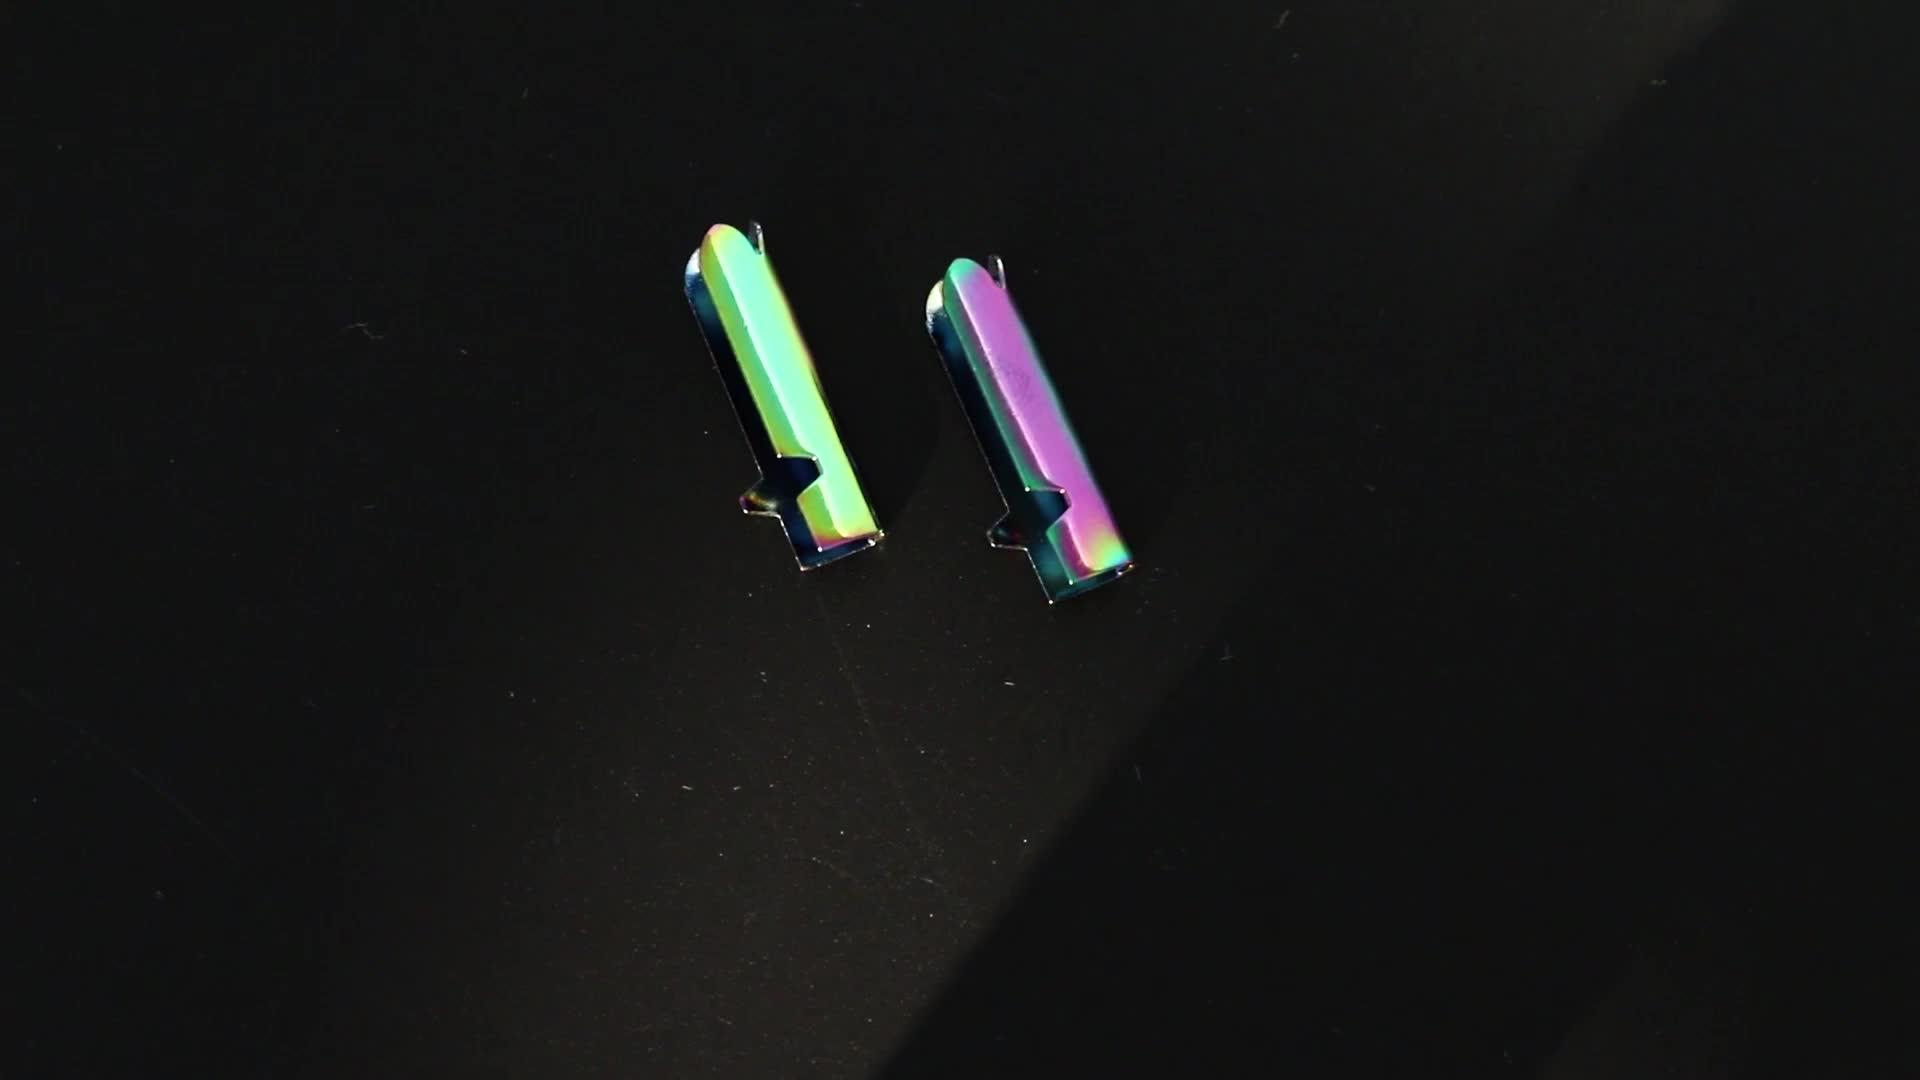 مخصص متعدد الألوان ماتي المطاط/لامعة رسمت نهاية سلك من المعدن نصائح للسلاسل